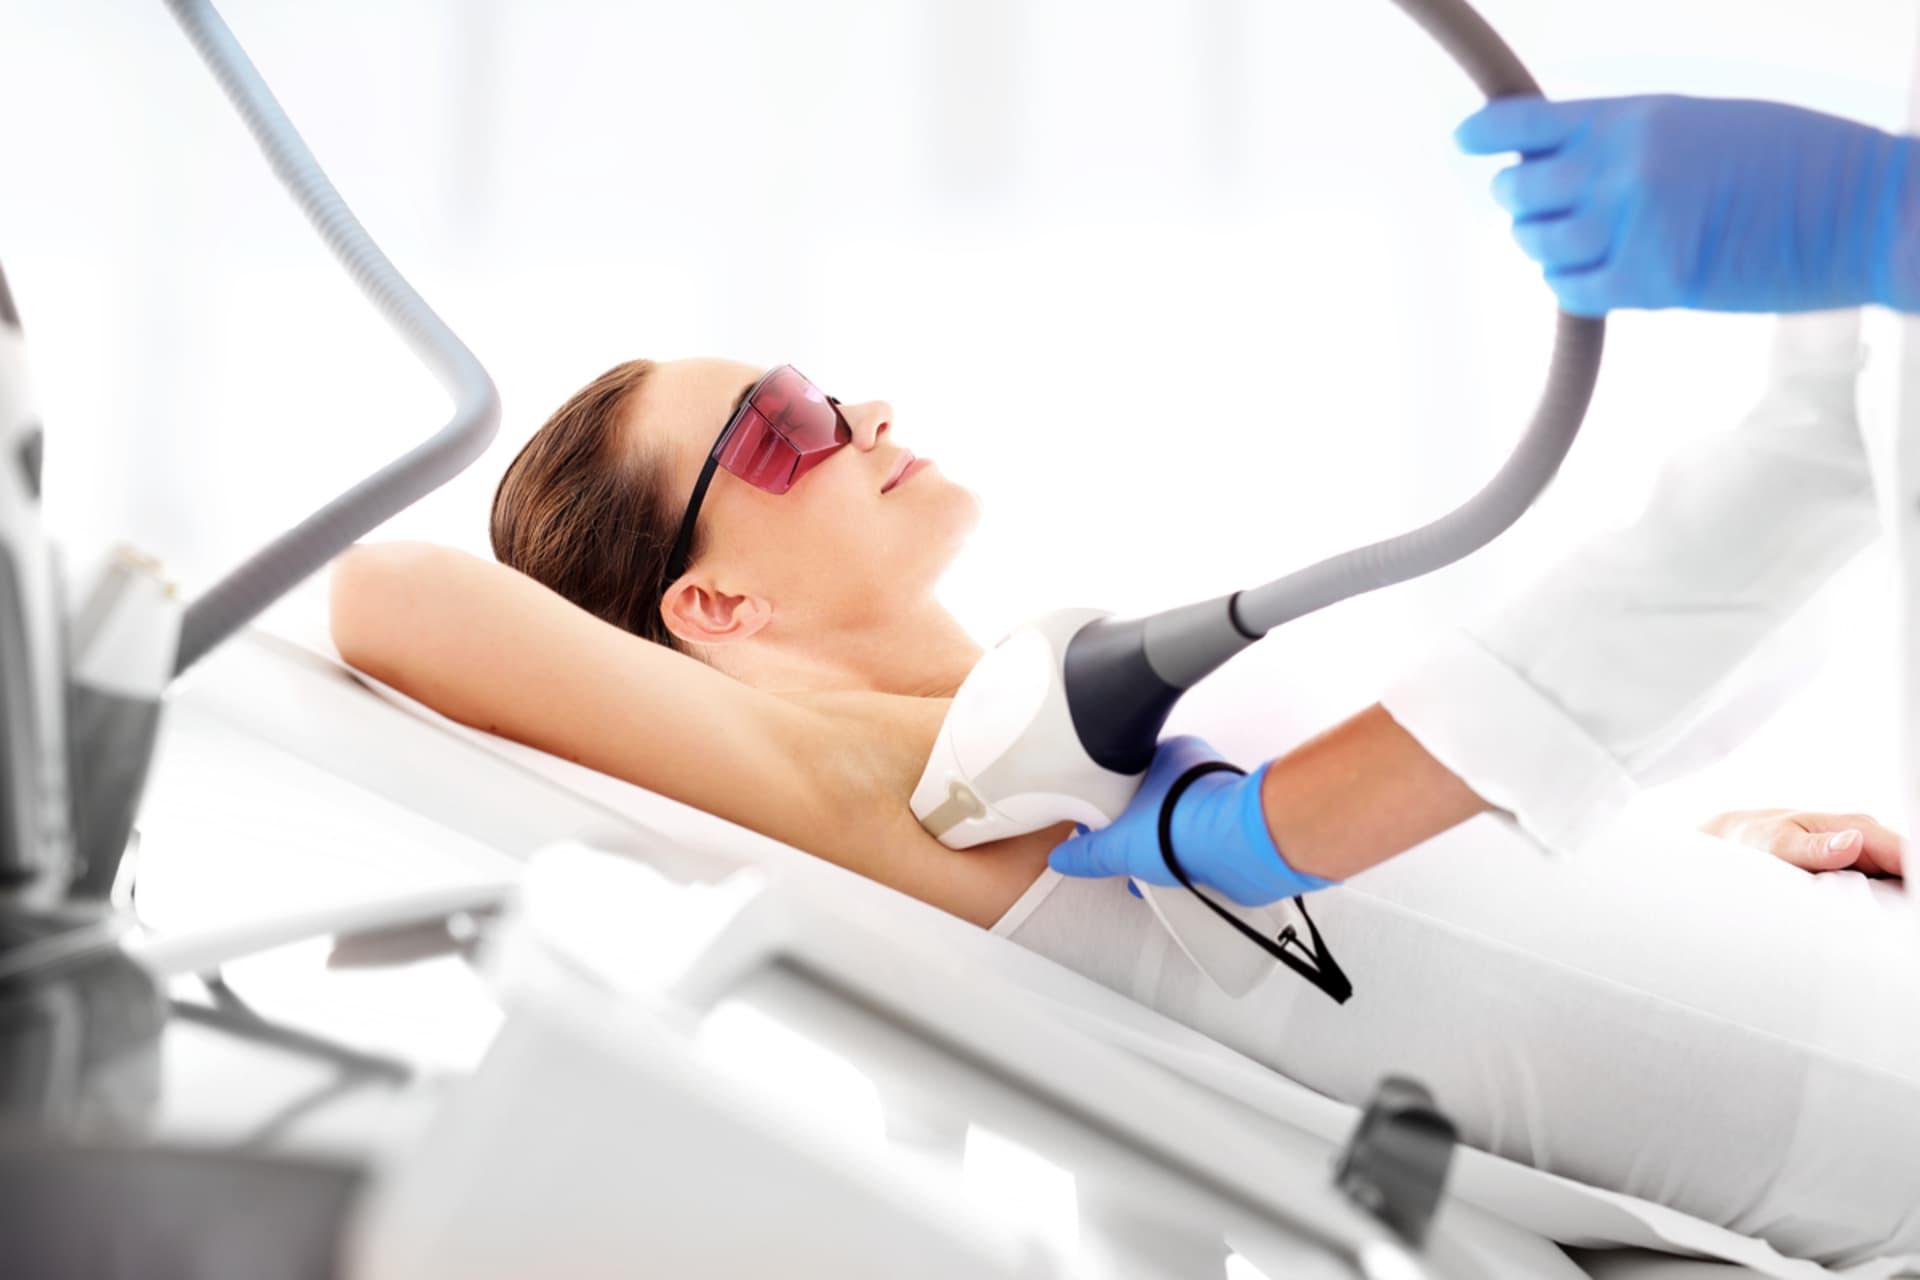 Vrei să scapi de părul inestetic de pe corp? Iată top 3 beneficii ale epilării definitive!